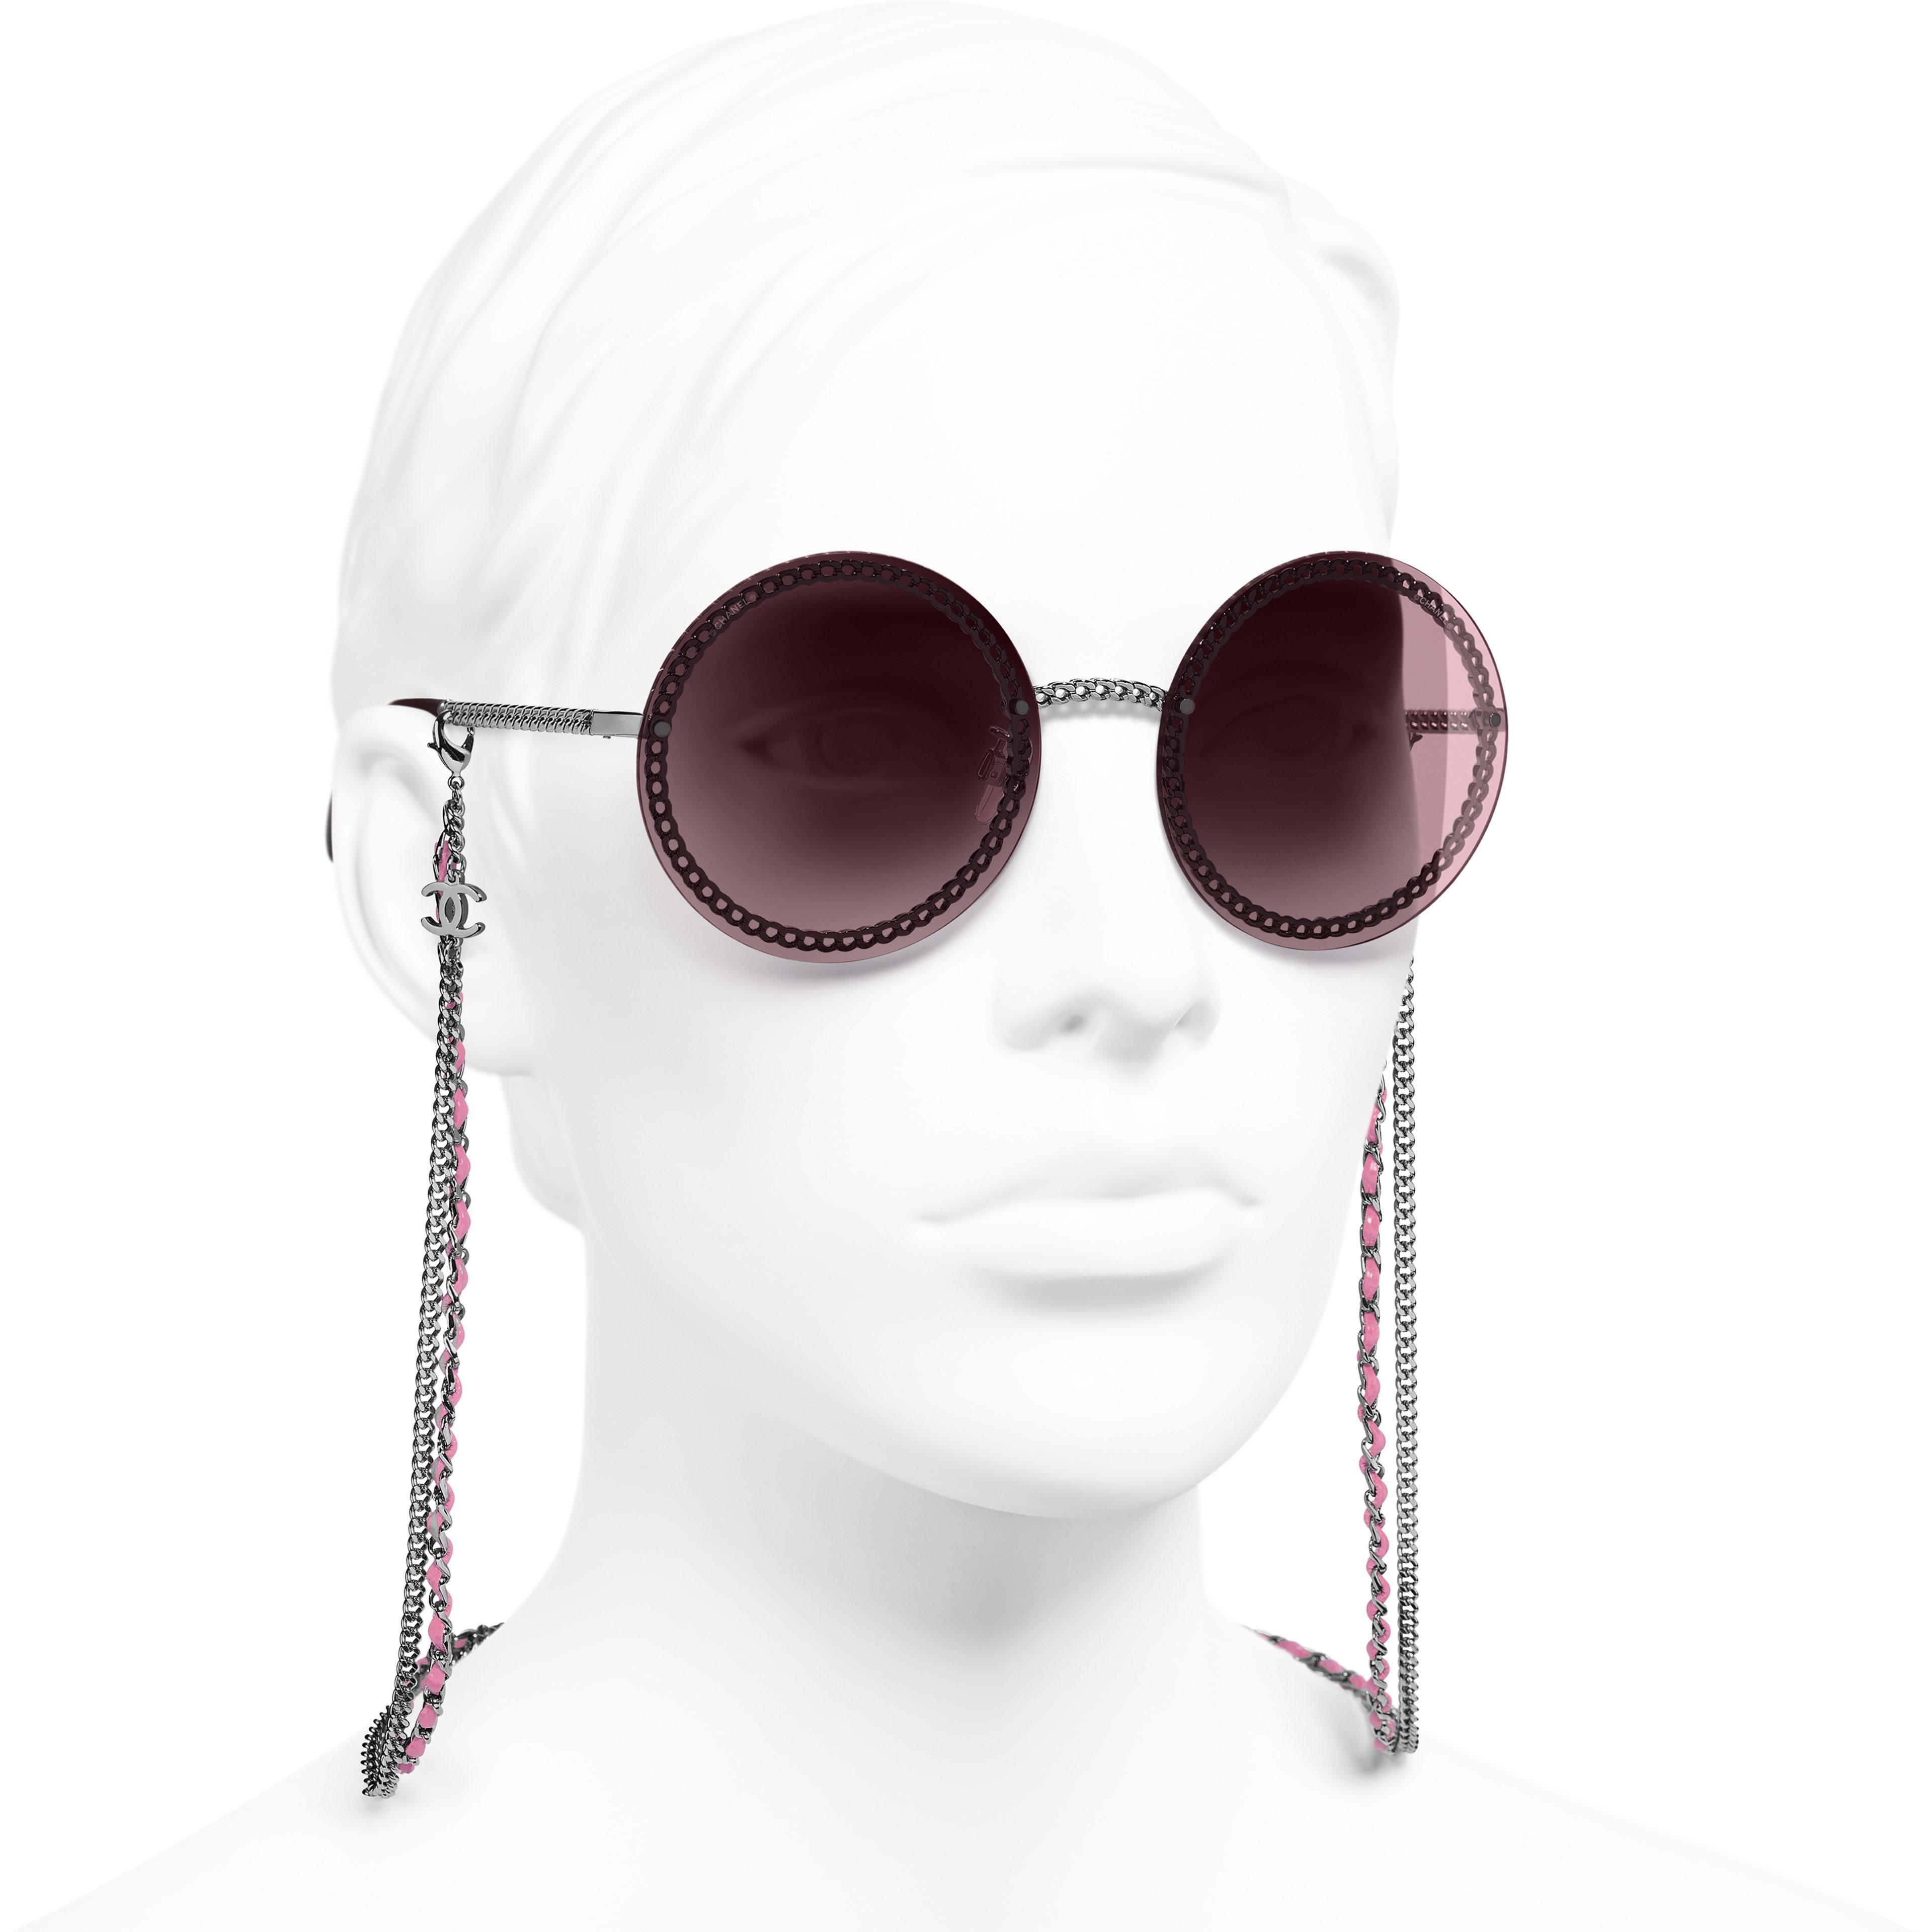 圓形太陽眼鏡 - 深銀 - 金屬與小牛皮 - 配戴時的3/4側面視圖 - 查看標準尺寸版本